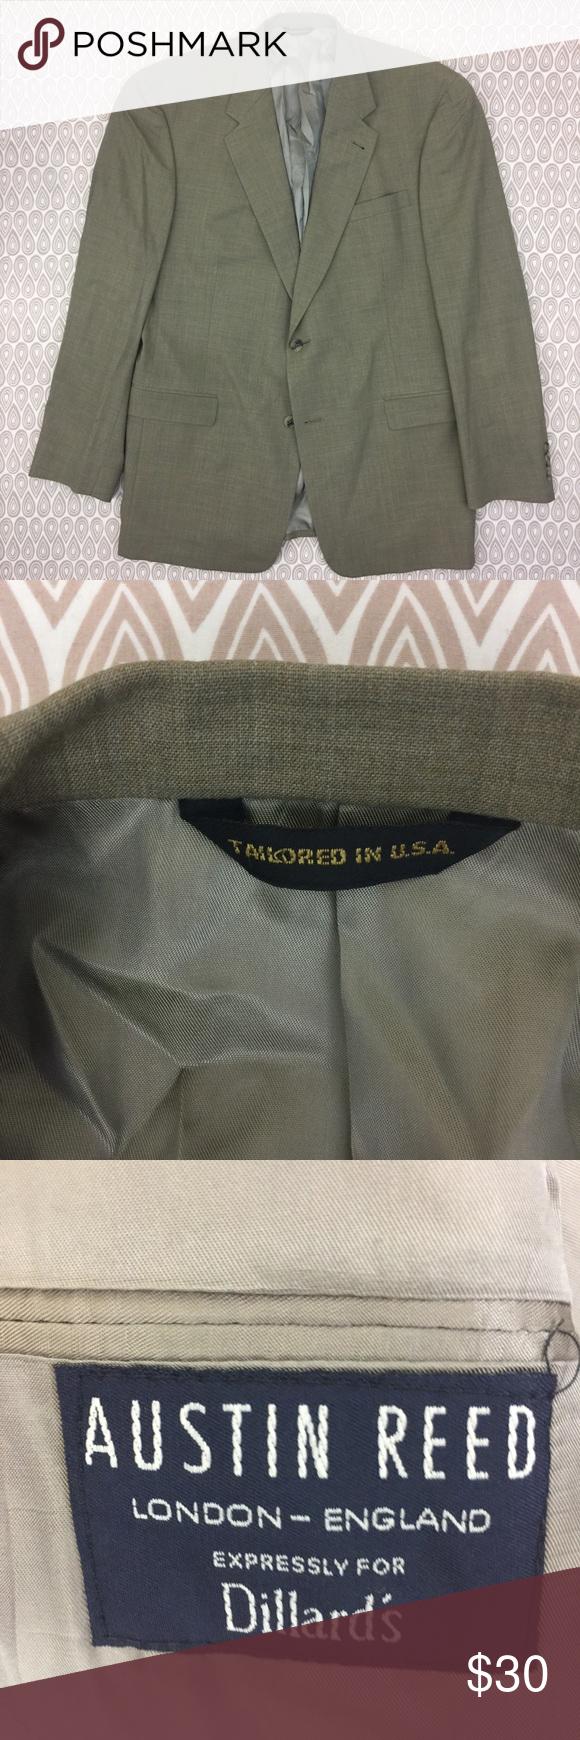 Austin Reed Men S Suit Jacket Blazer Size 46 L P99 Mens Suit Jacket Suit Jacket Blazer Jacket